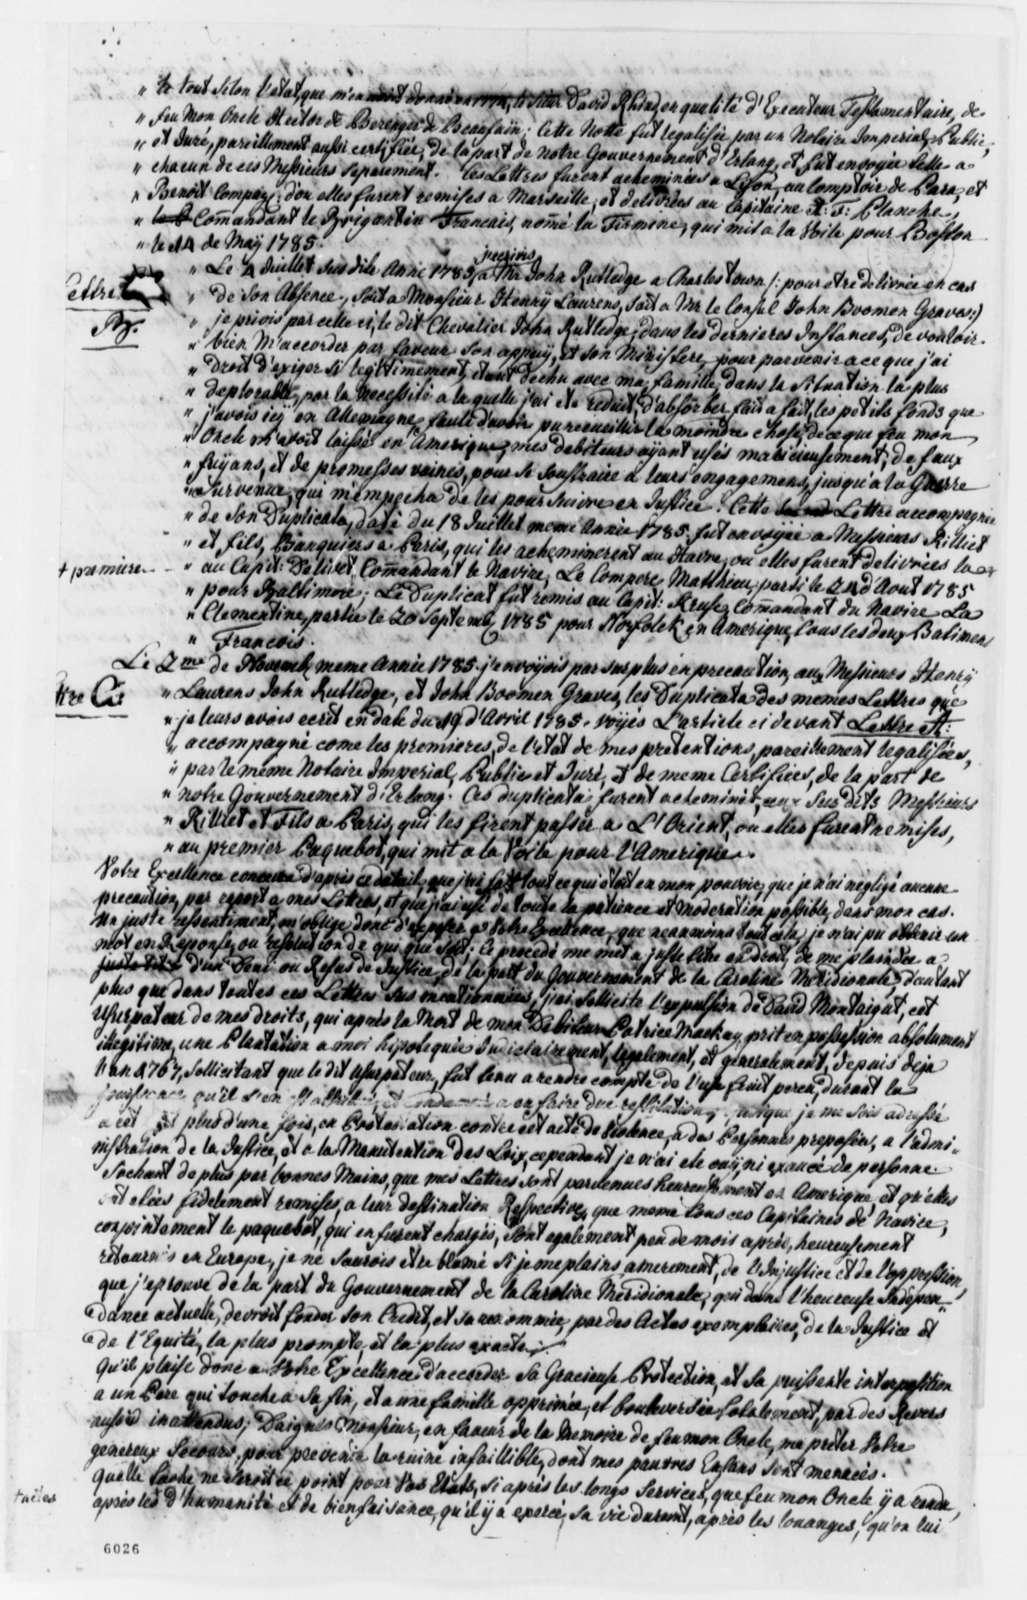 J. H., Baron de Berenger de Beaufain to Thomas Jefferson, December 7, 1787, Estate of Hector de Berenger de Beaufain in South Carolina, in French